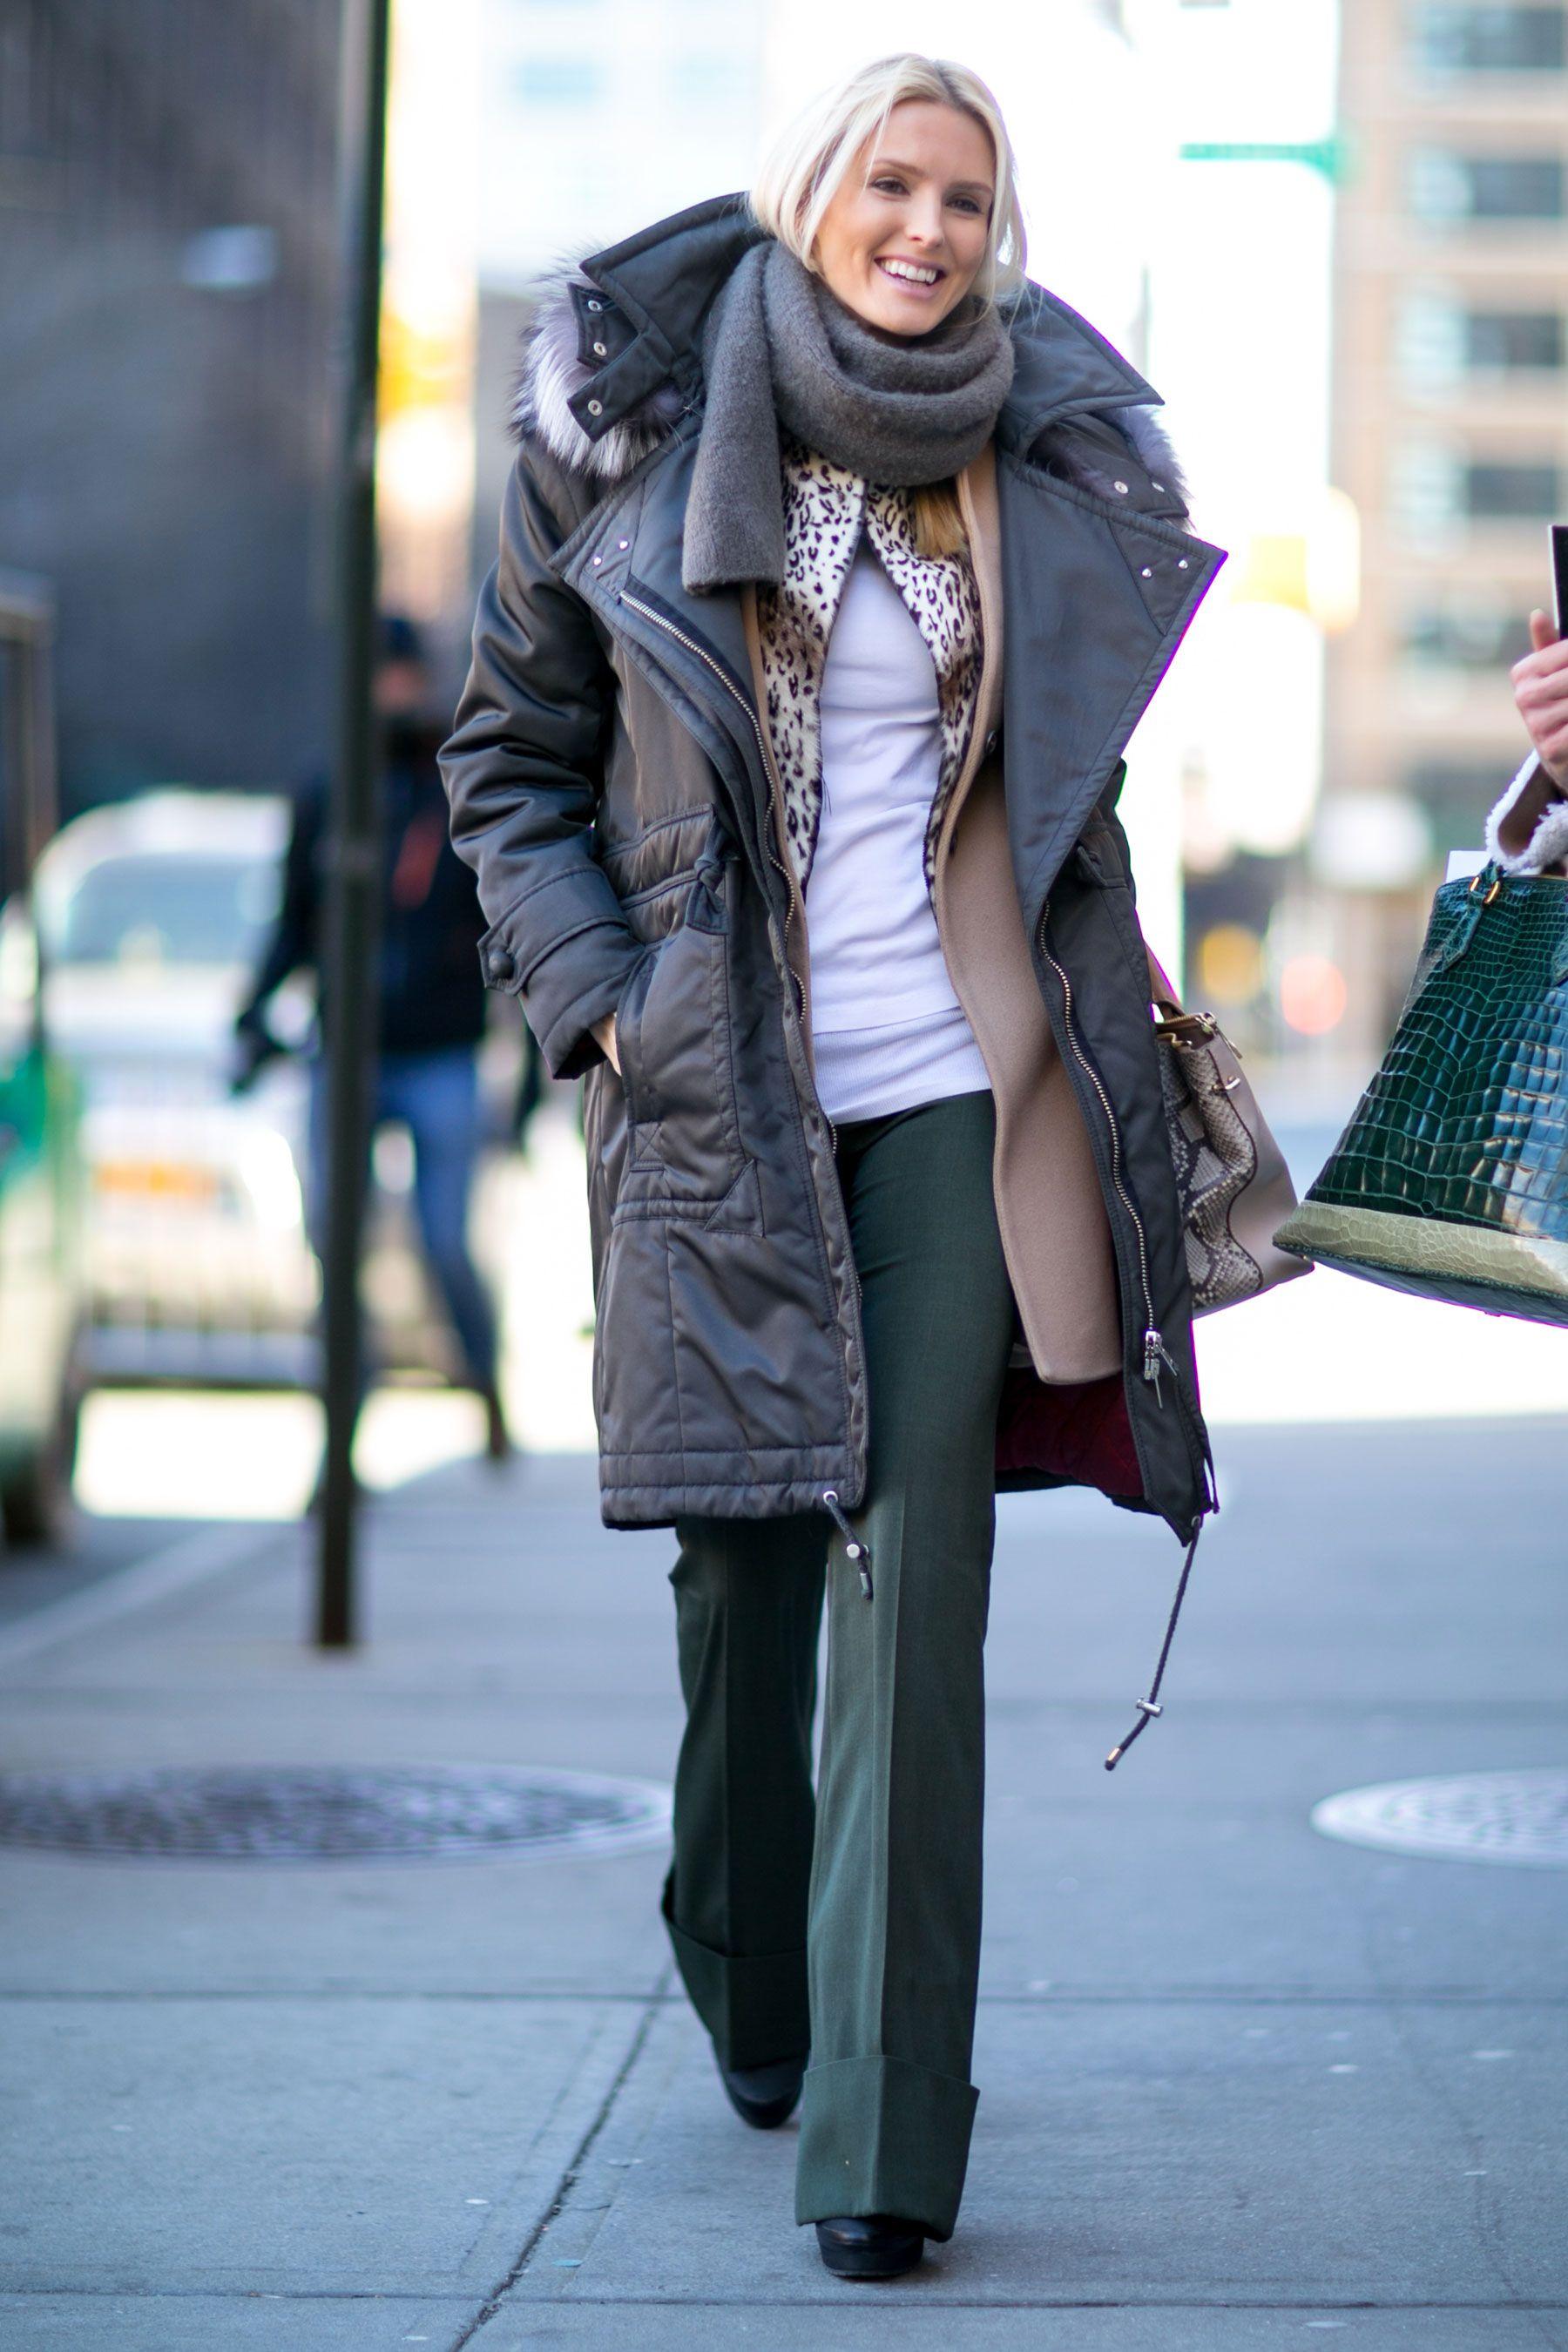 Volumi oversize: come indossarli senza sembrare un Omino